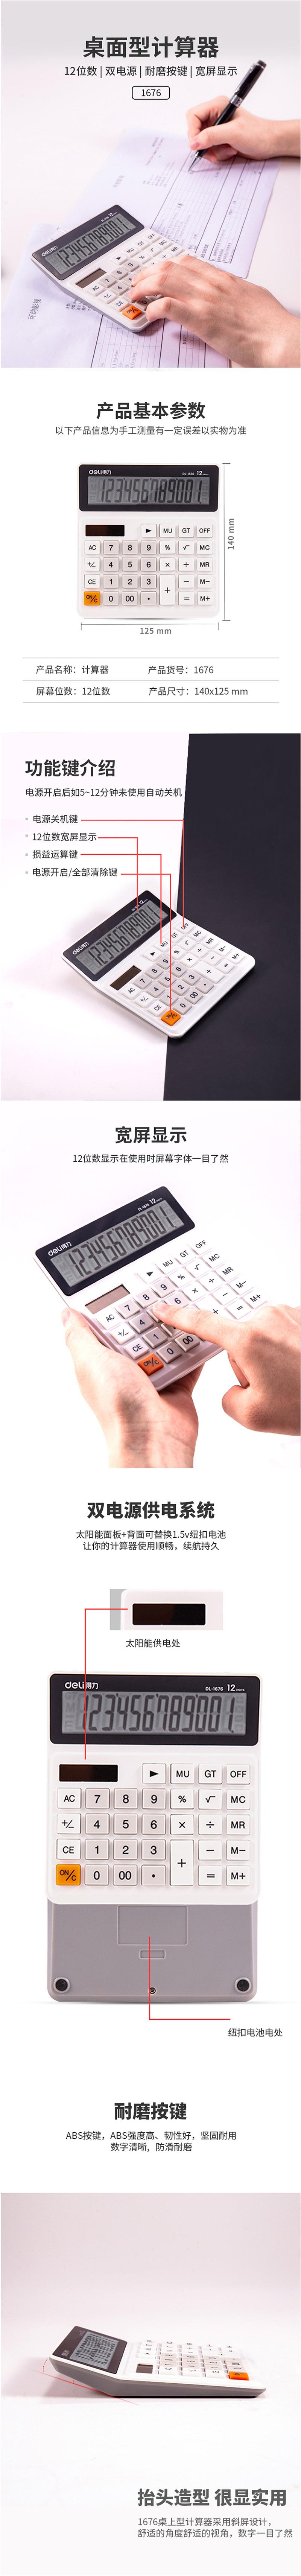 得力(deli) 白色1676 双电源桌面计算器 12位宽屏财务计算器